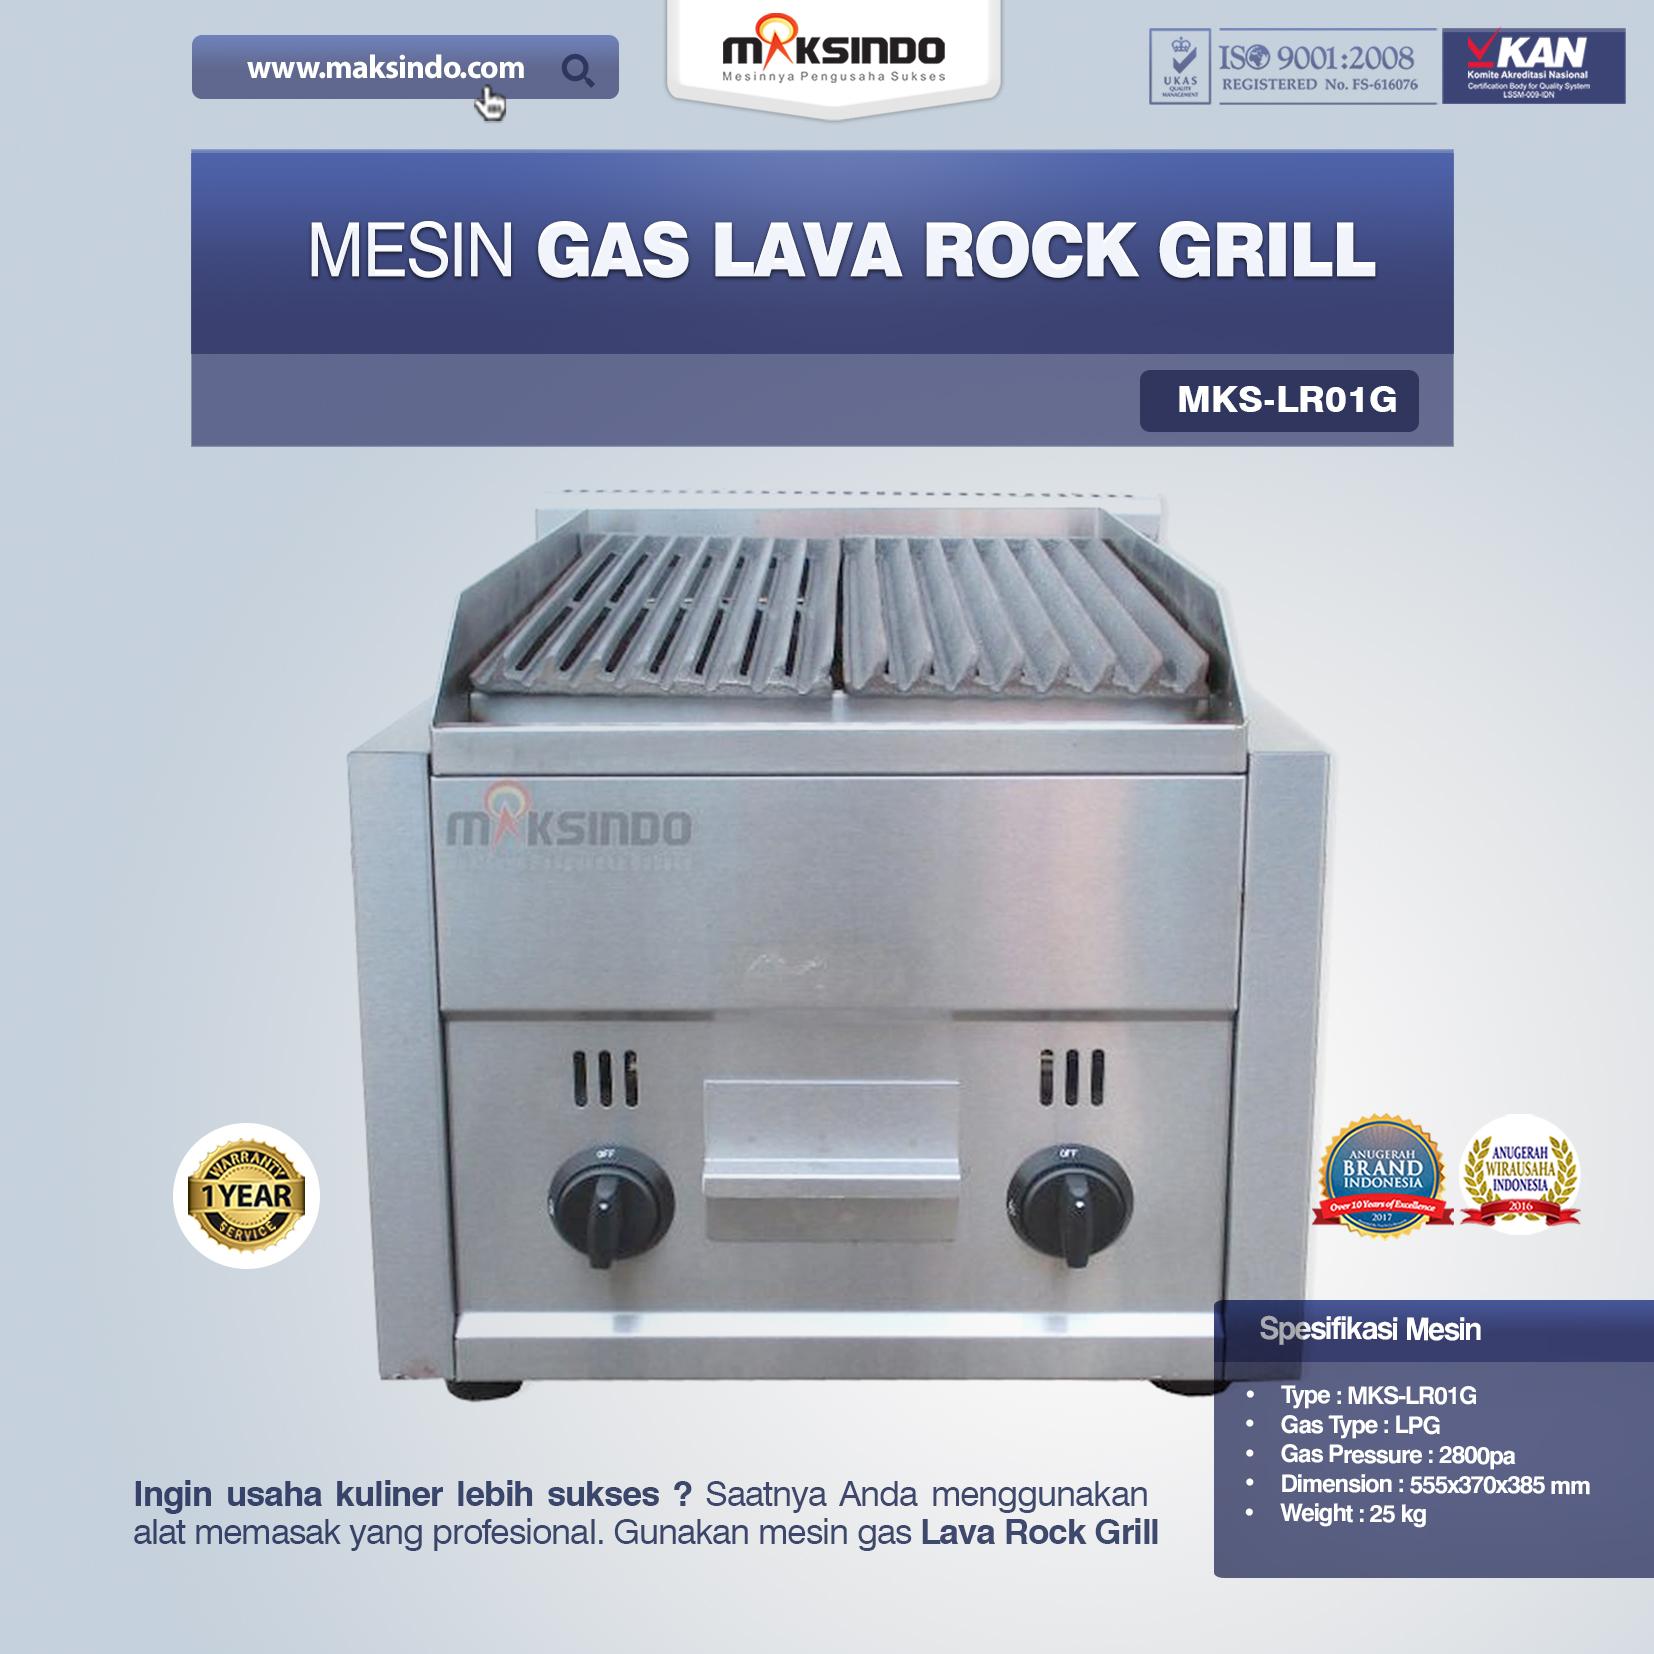 Gas Lava Rock Grill MKS-LR01G